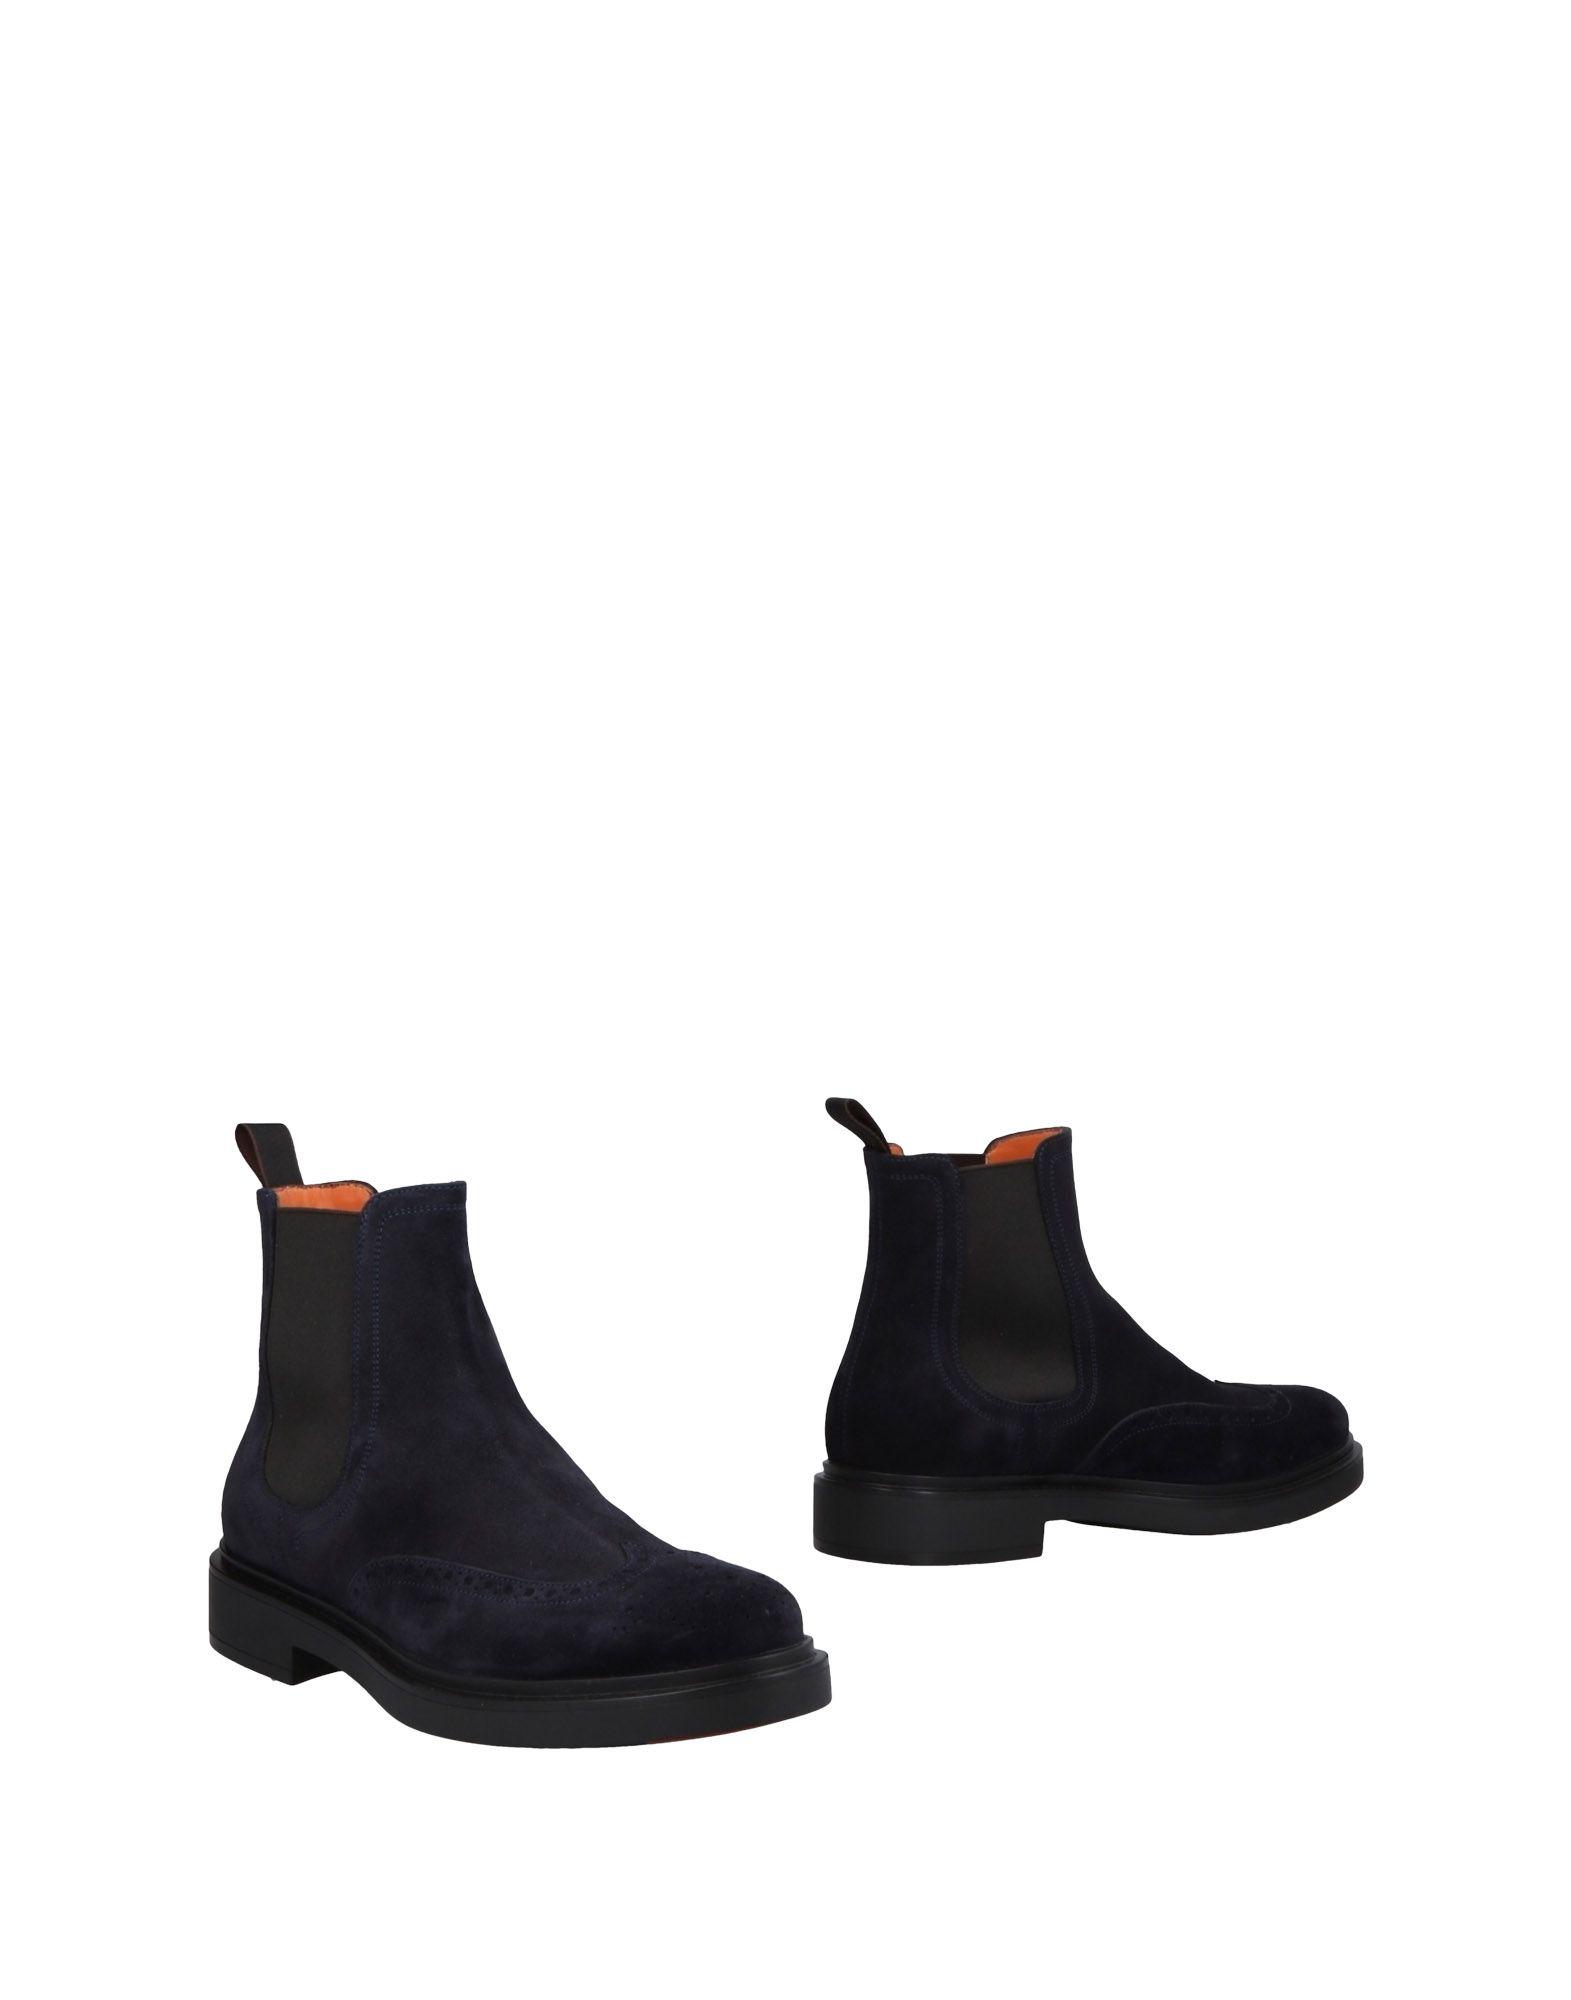 Santoni Stiefelette Herren  11479441QH Gute Qualität beliebte Schuhe